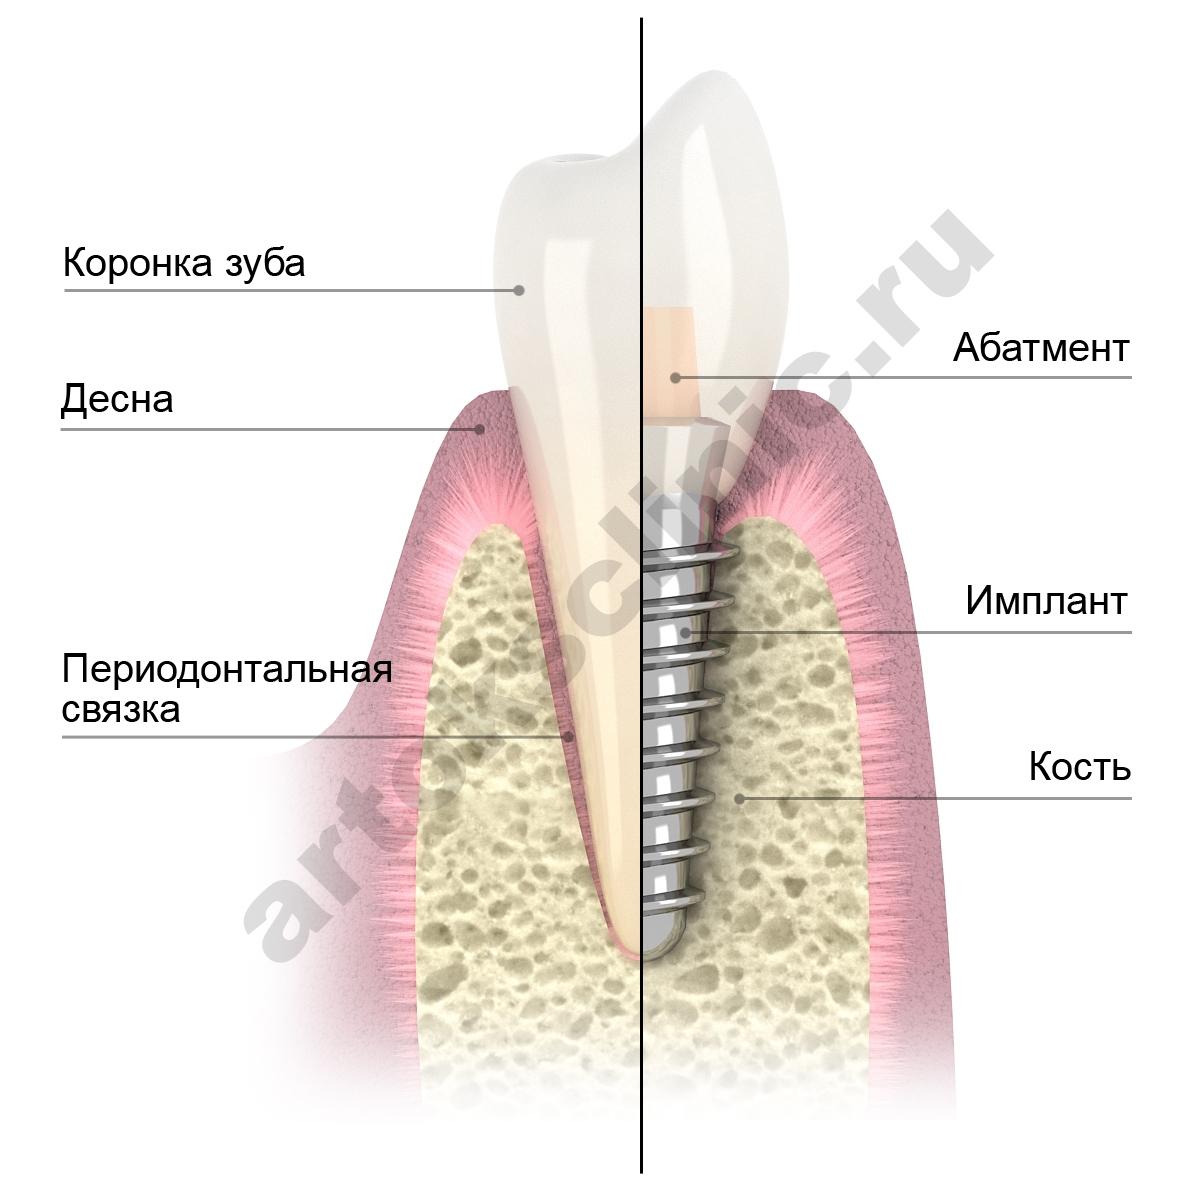 Схемы имплантации зубов